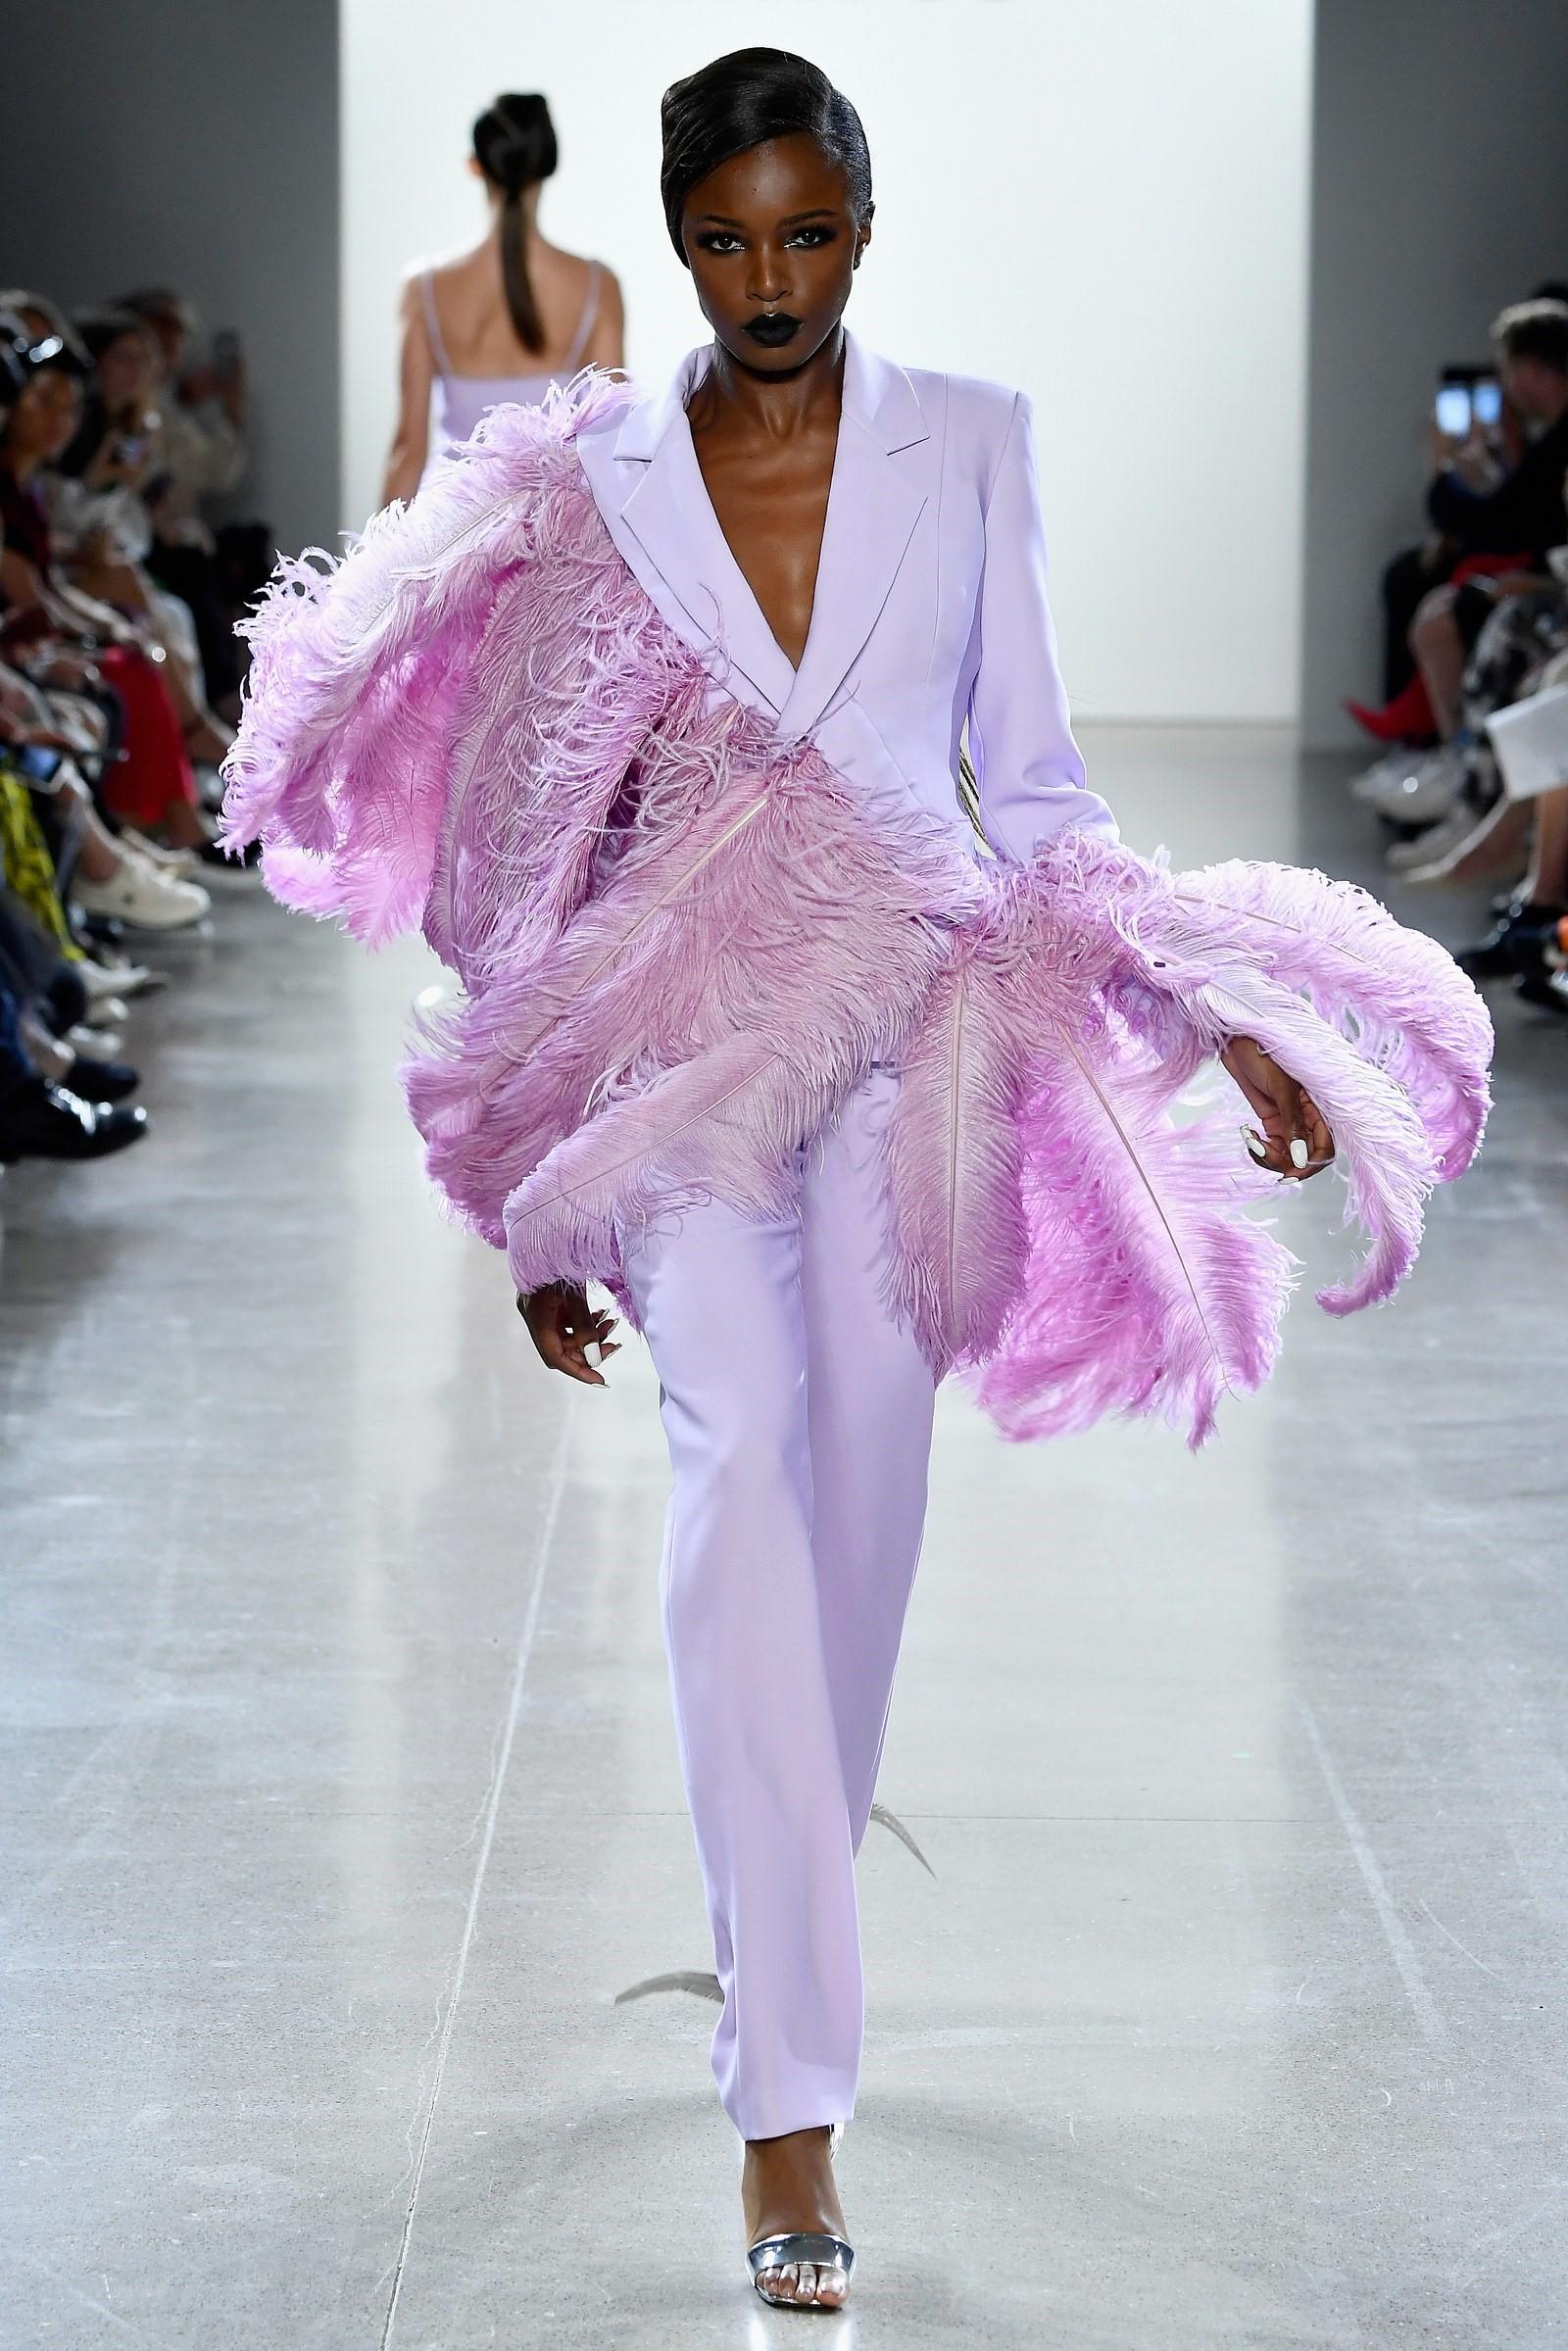 D'autre part, la couleur lilas convient parfaitement aux tons de peau foncés.